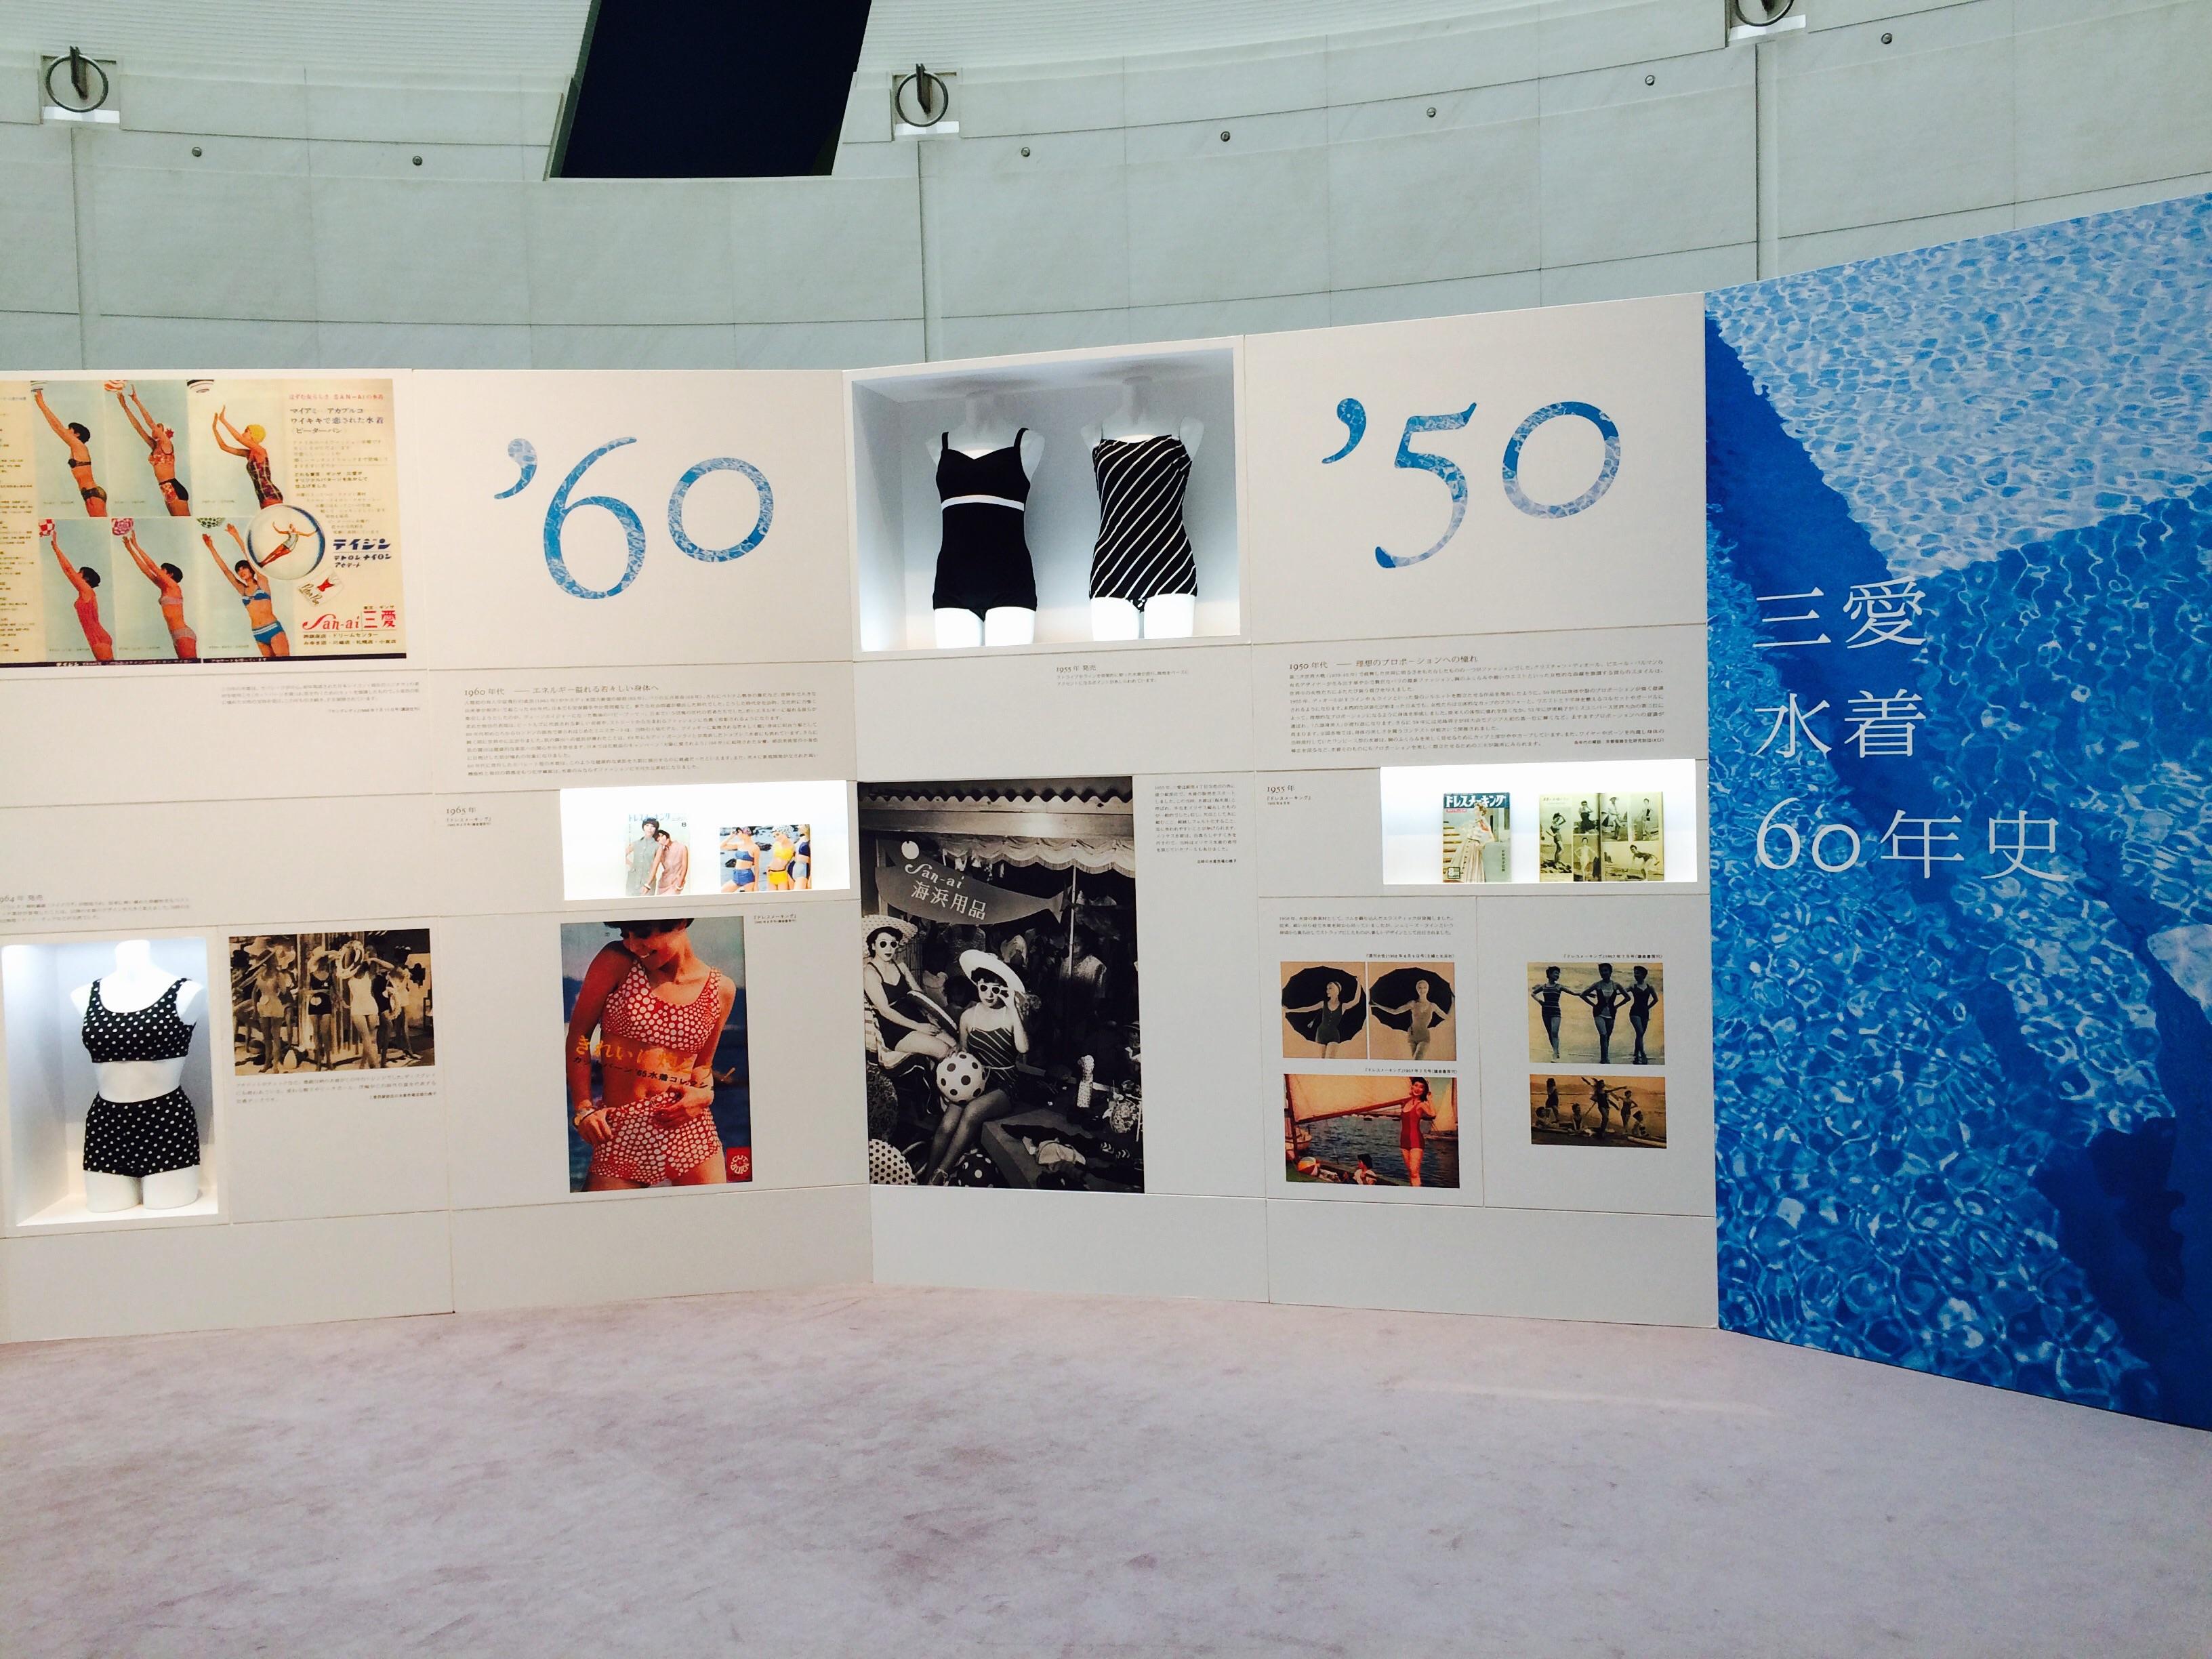 三愛水着の歴史の全てがここに! 表参道で60周年を記念した展覧会「楽園のステージ」開催☆_3